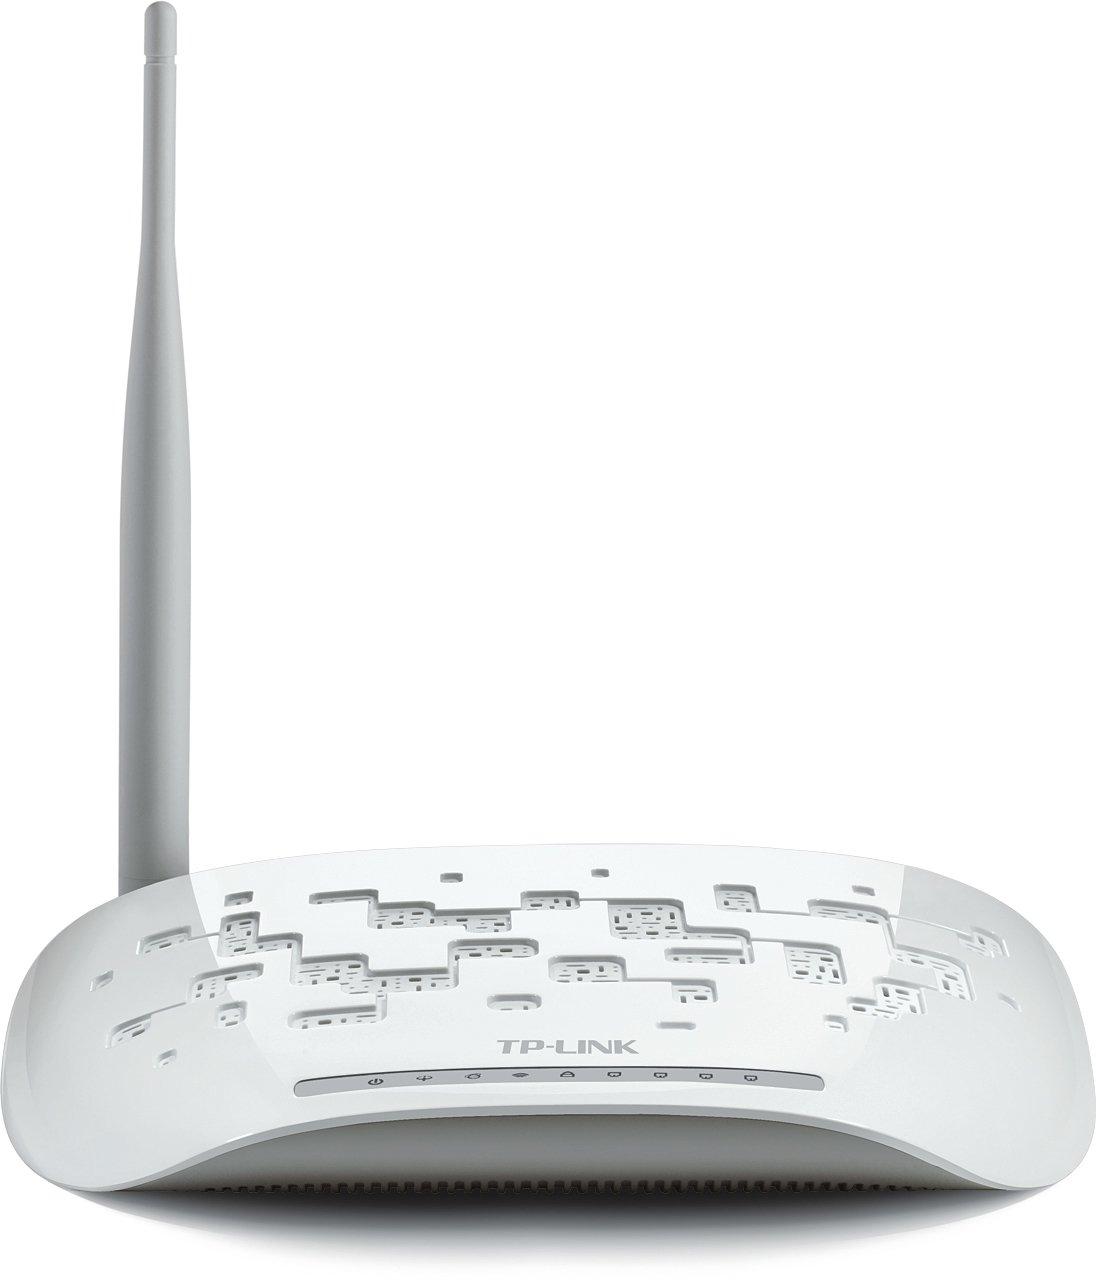 Download Driver: TP-Link TD-W8961NB v2 Router